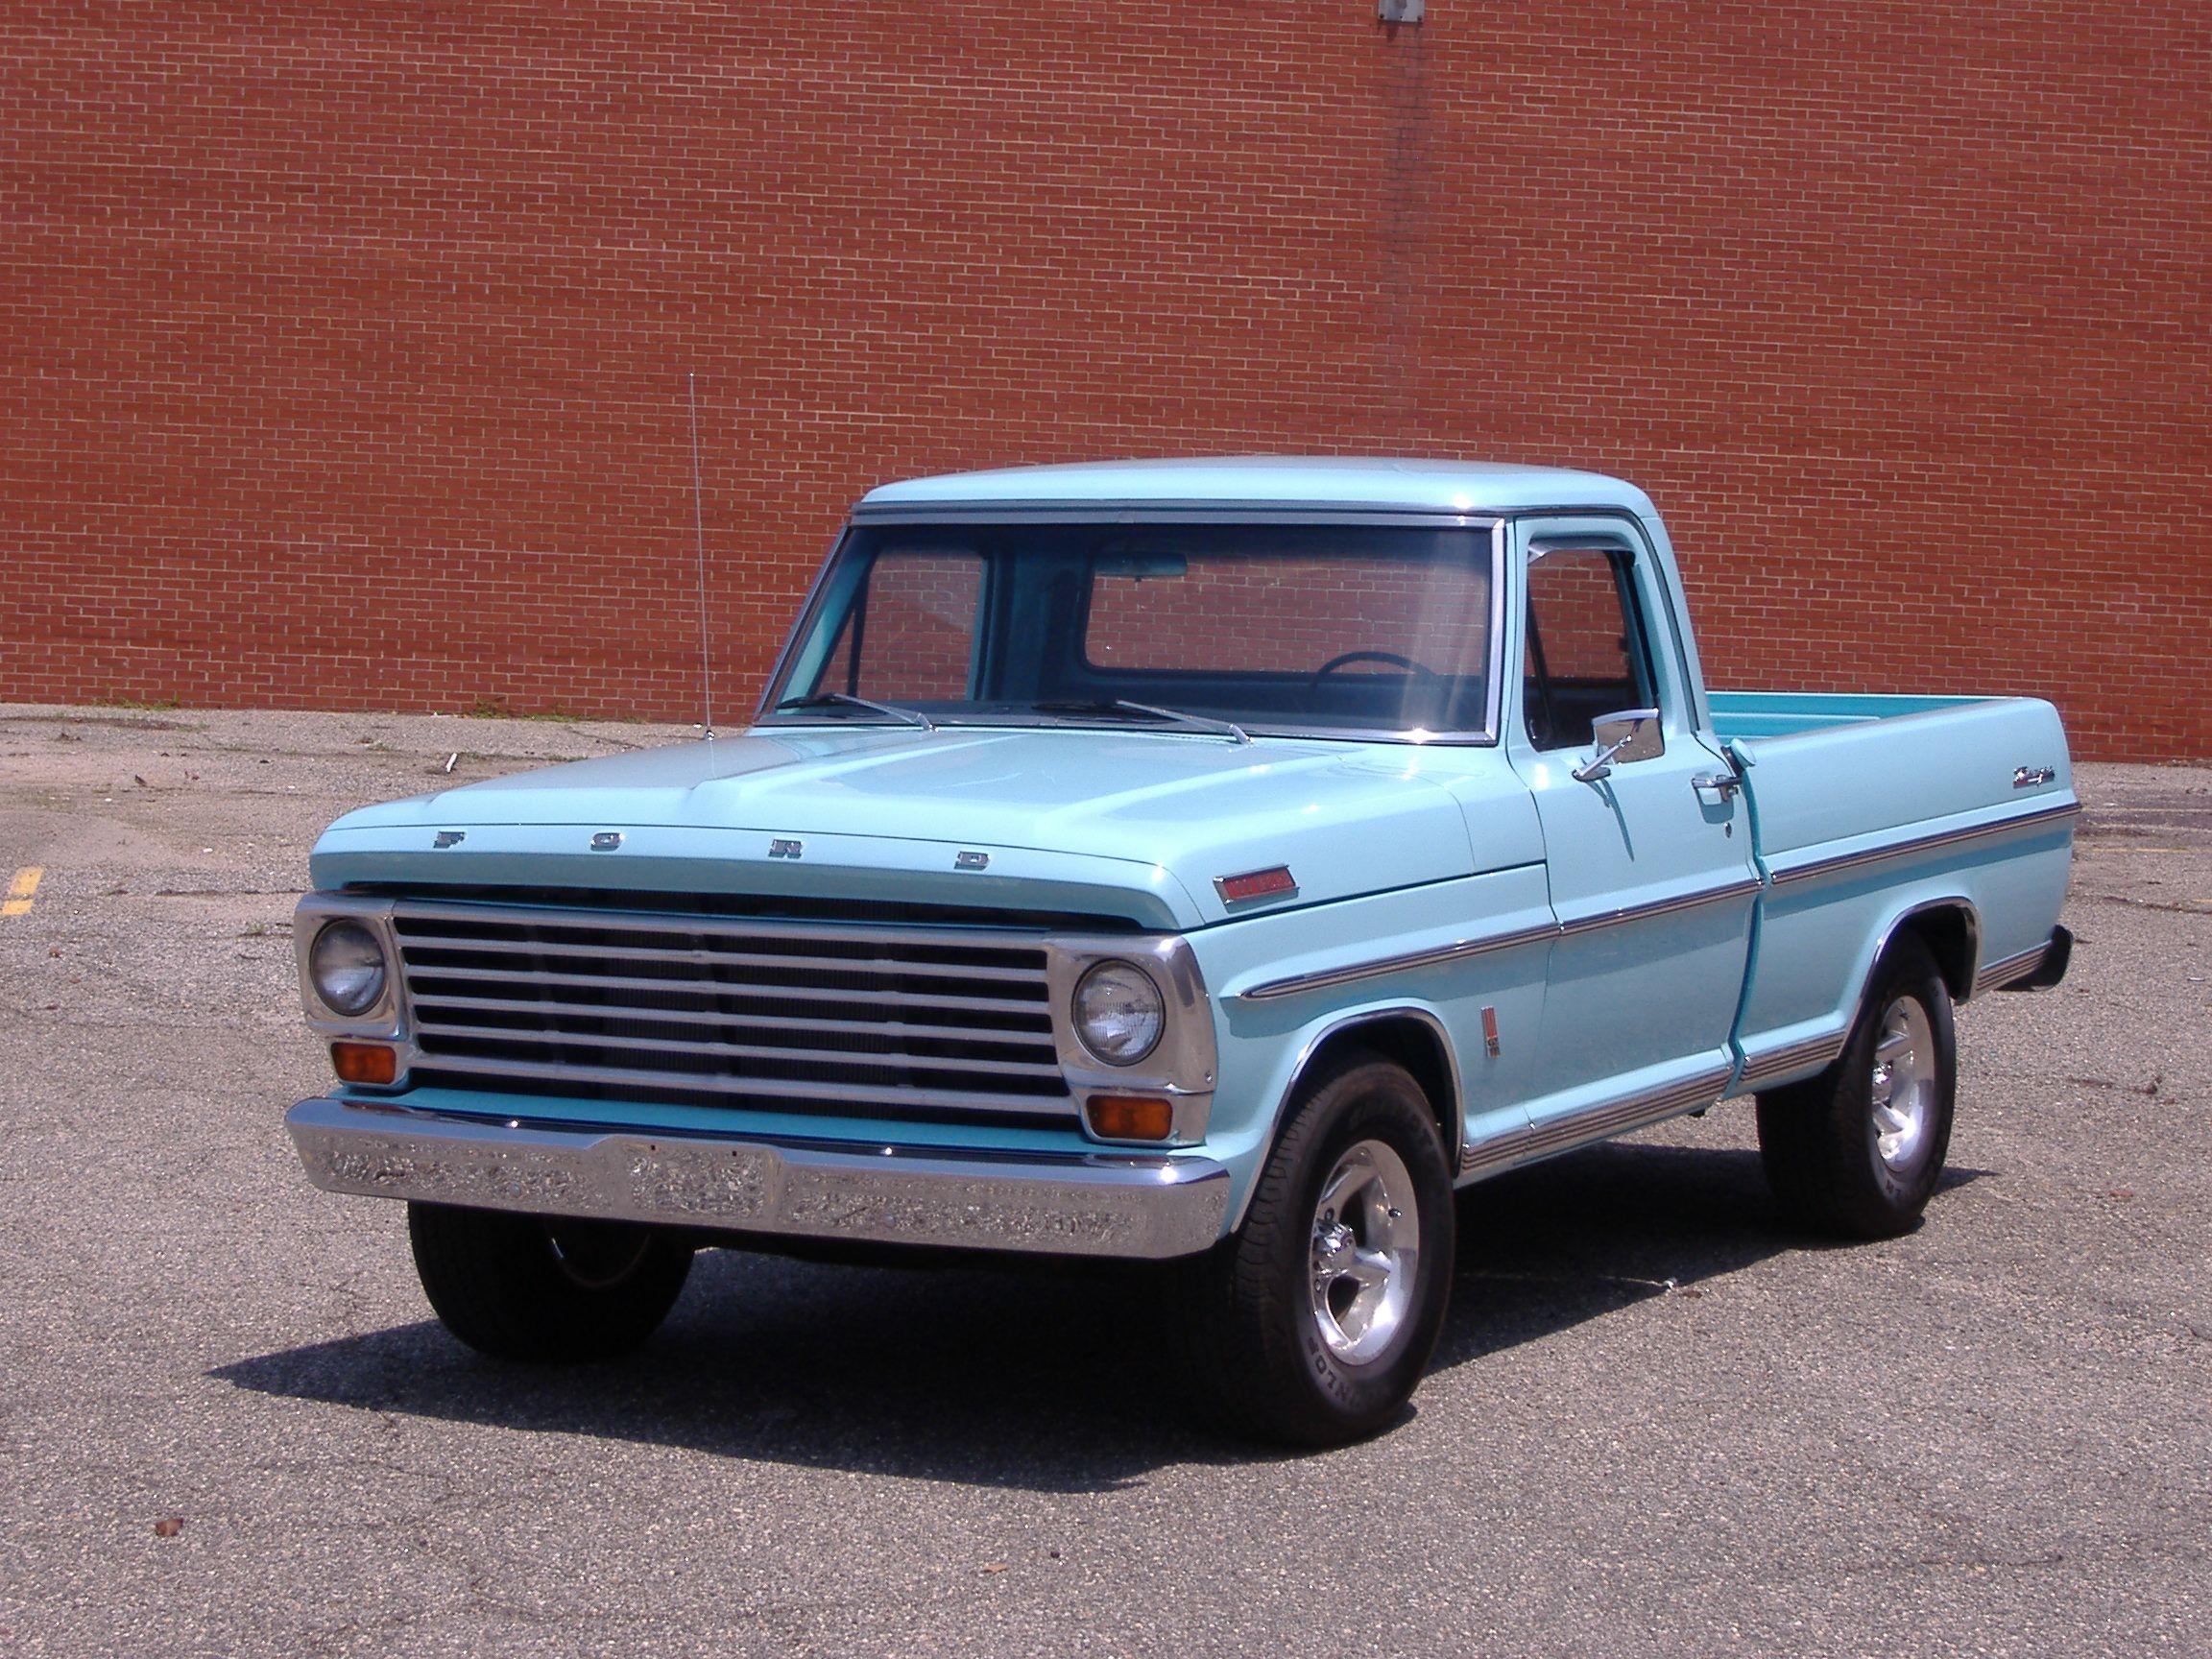 1967 ford f 100 ranger sweet rides ford ford trucks trucks rh pinterest com